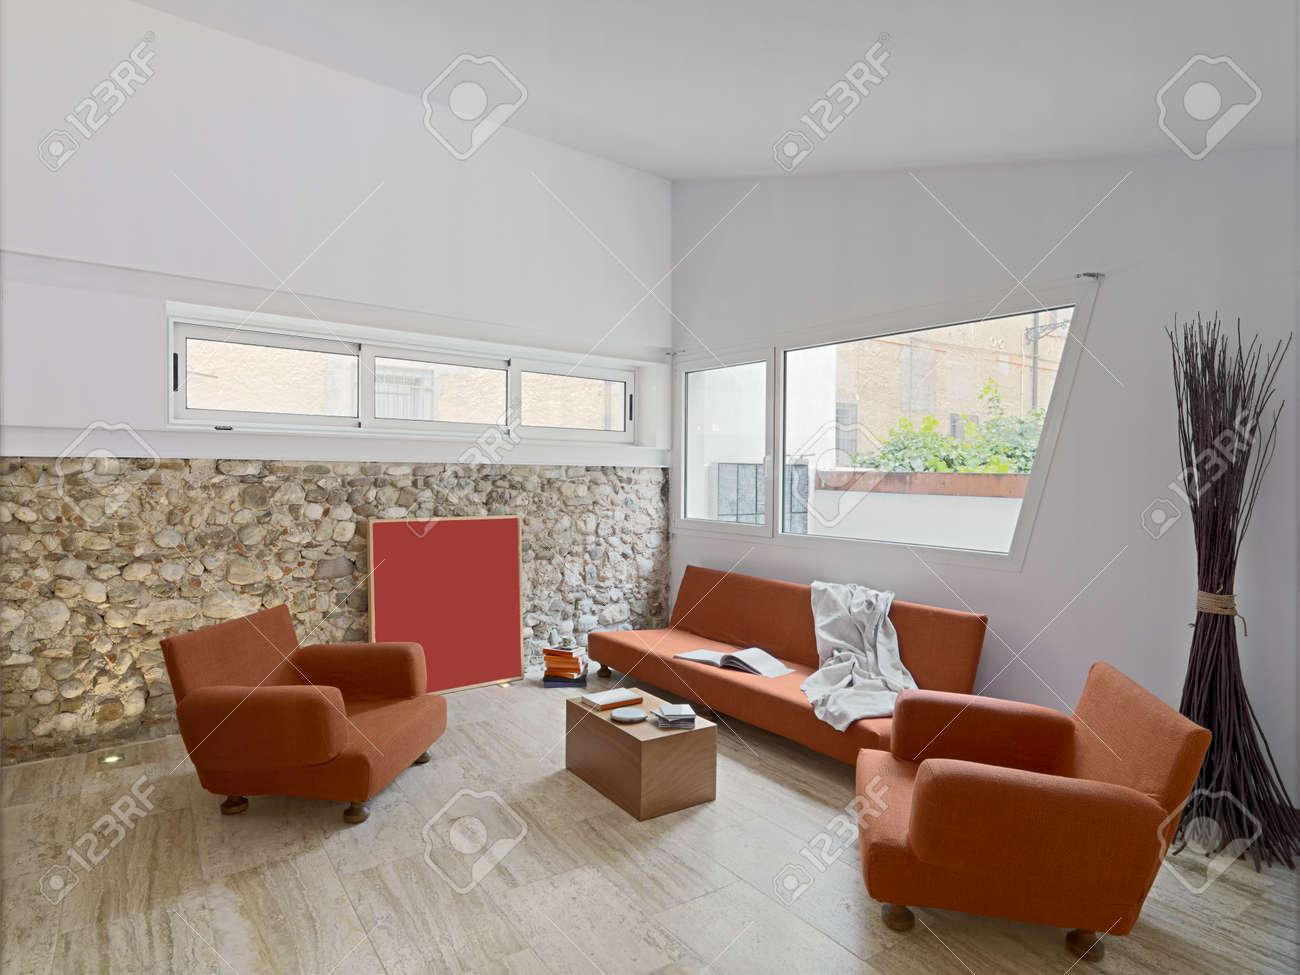 innenansicht eines modernen wohnzimmer mit orange sofa ans marmorboden und steinmauer lizenzfreie bilder 32559597 - Marmorboden Wohnzimmer